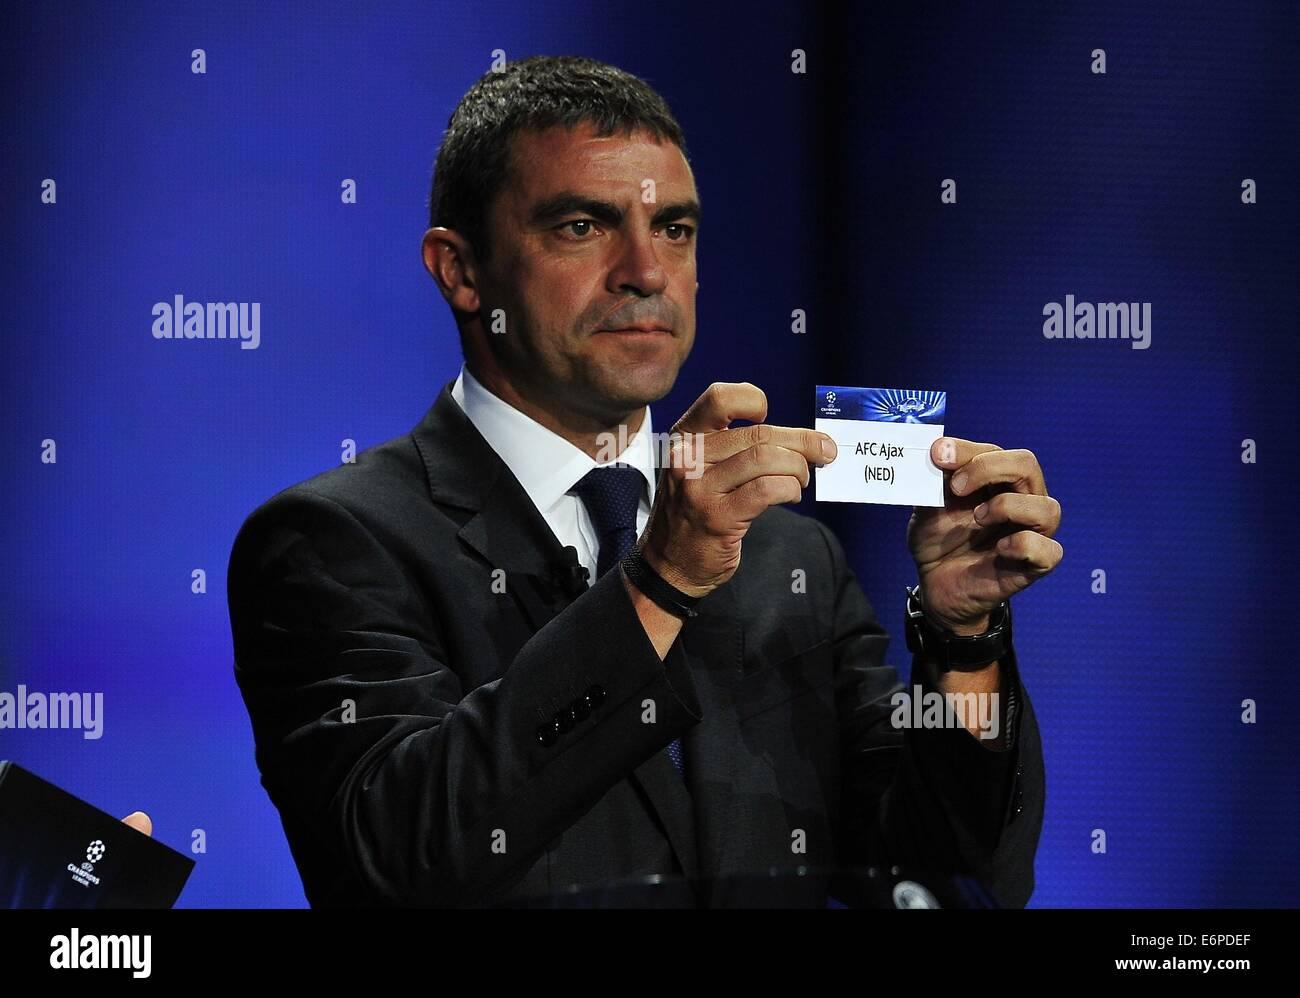 Monte Carlo, Monaco. 28 Aug, 2014. Real Madrid CF, ex futbolista Manuel Sanchís teniendo AFC Ajax, Grupo F Imagen De Stock